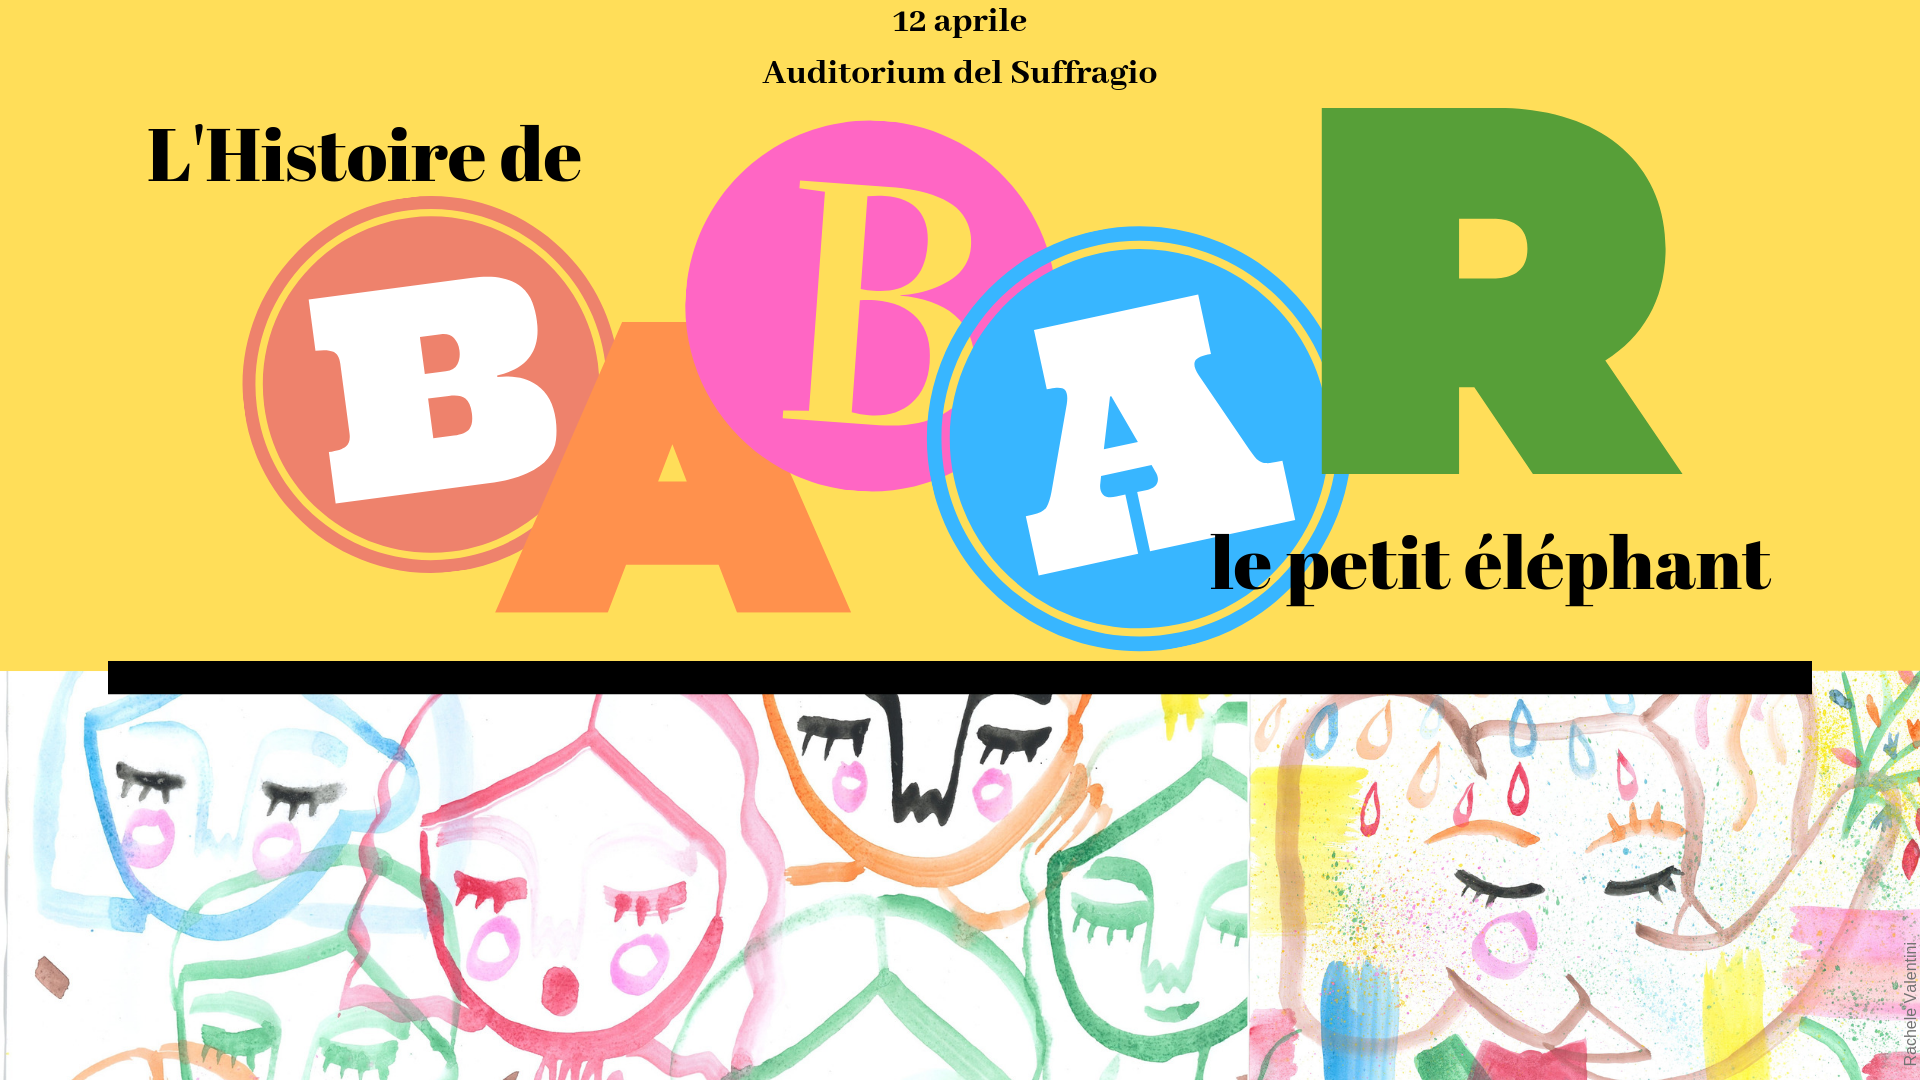 L'Histoire de Babar, le petit éléphant